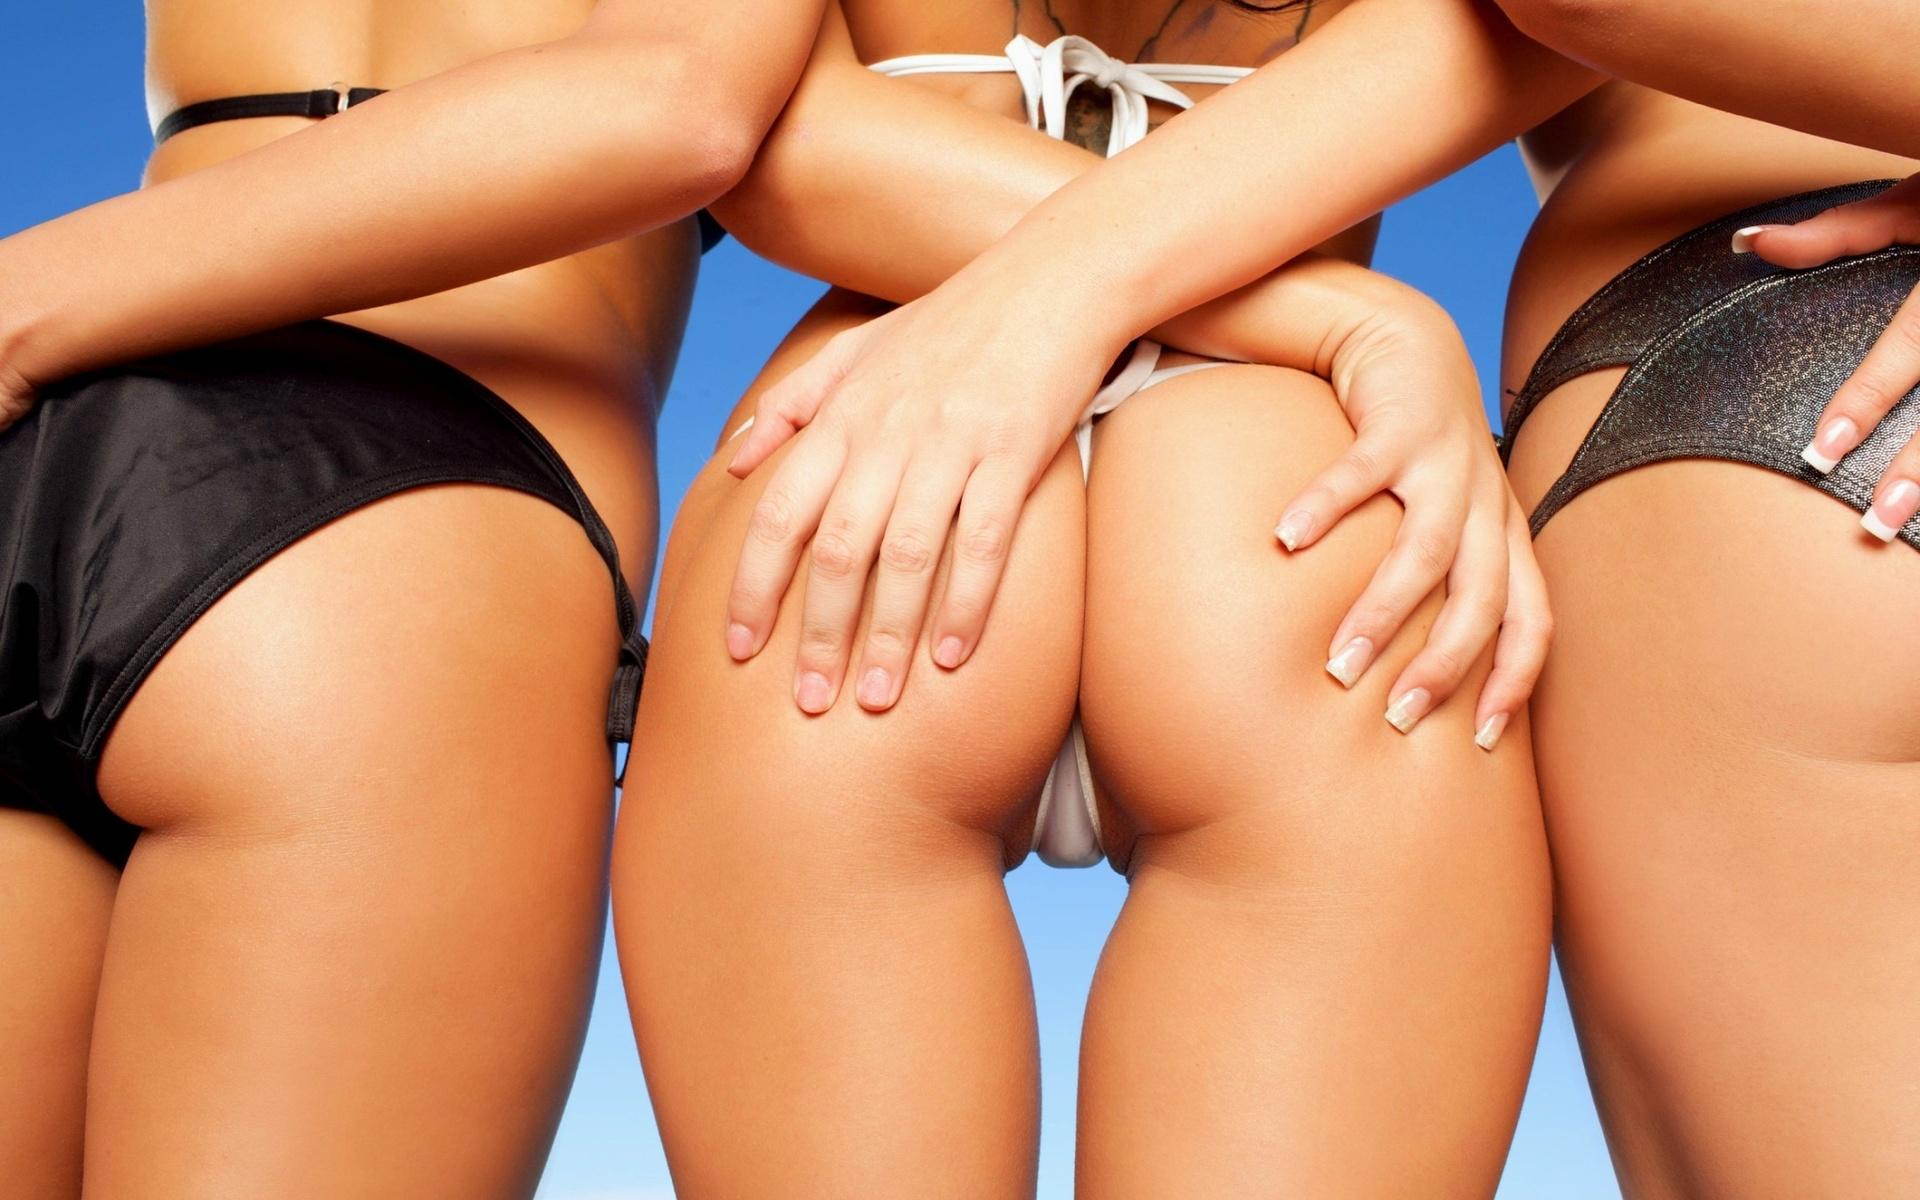 Самые классные попки порно смотреть бесплатно 18 фотография